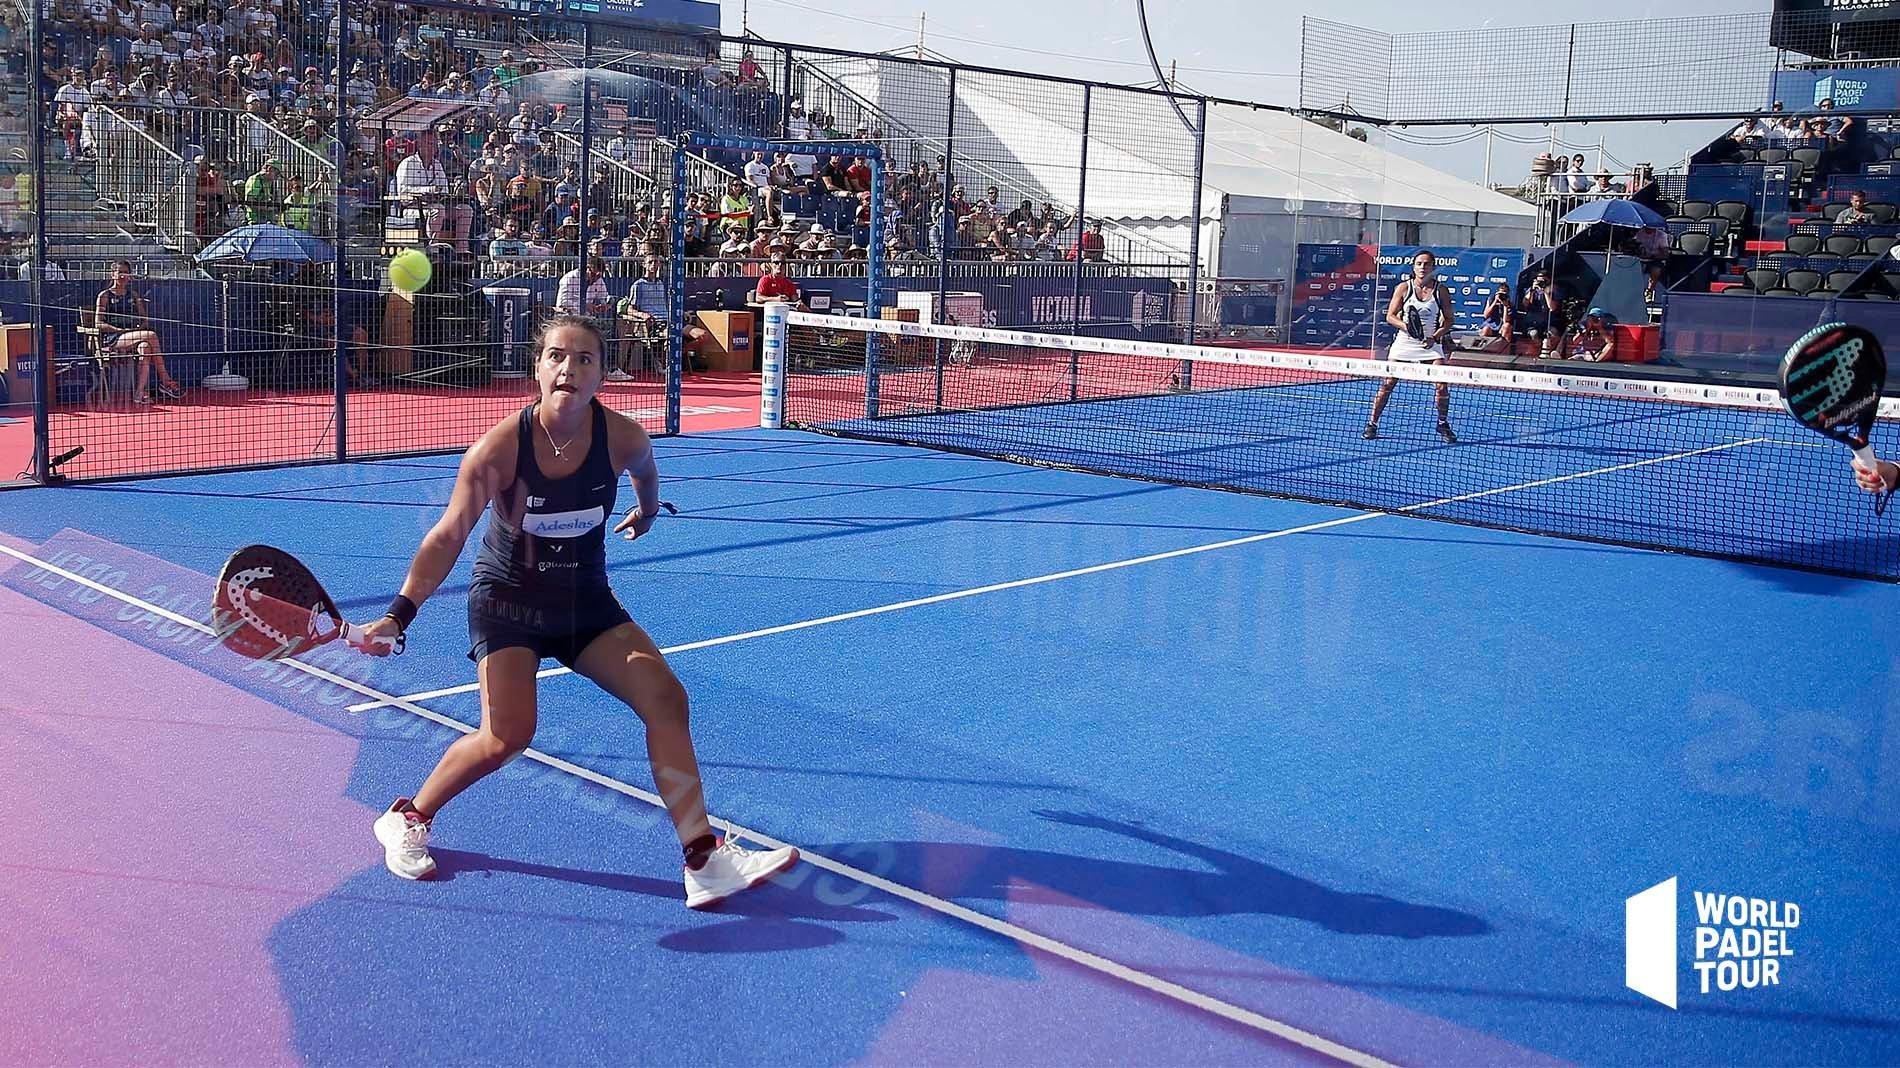 Bajada de pared de Ari Sánchez en el Mijas Open